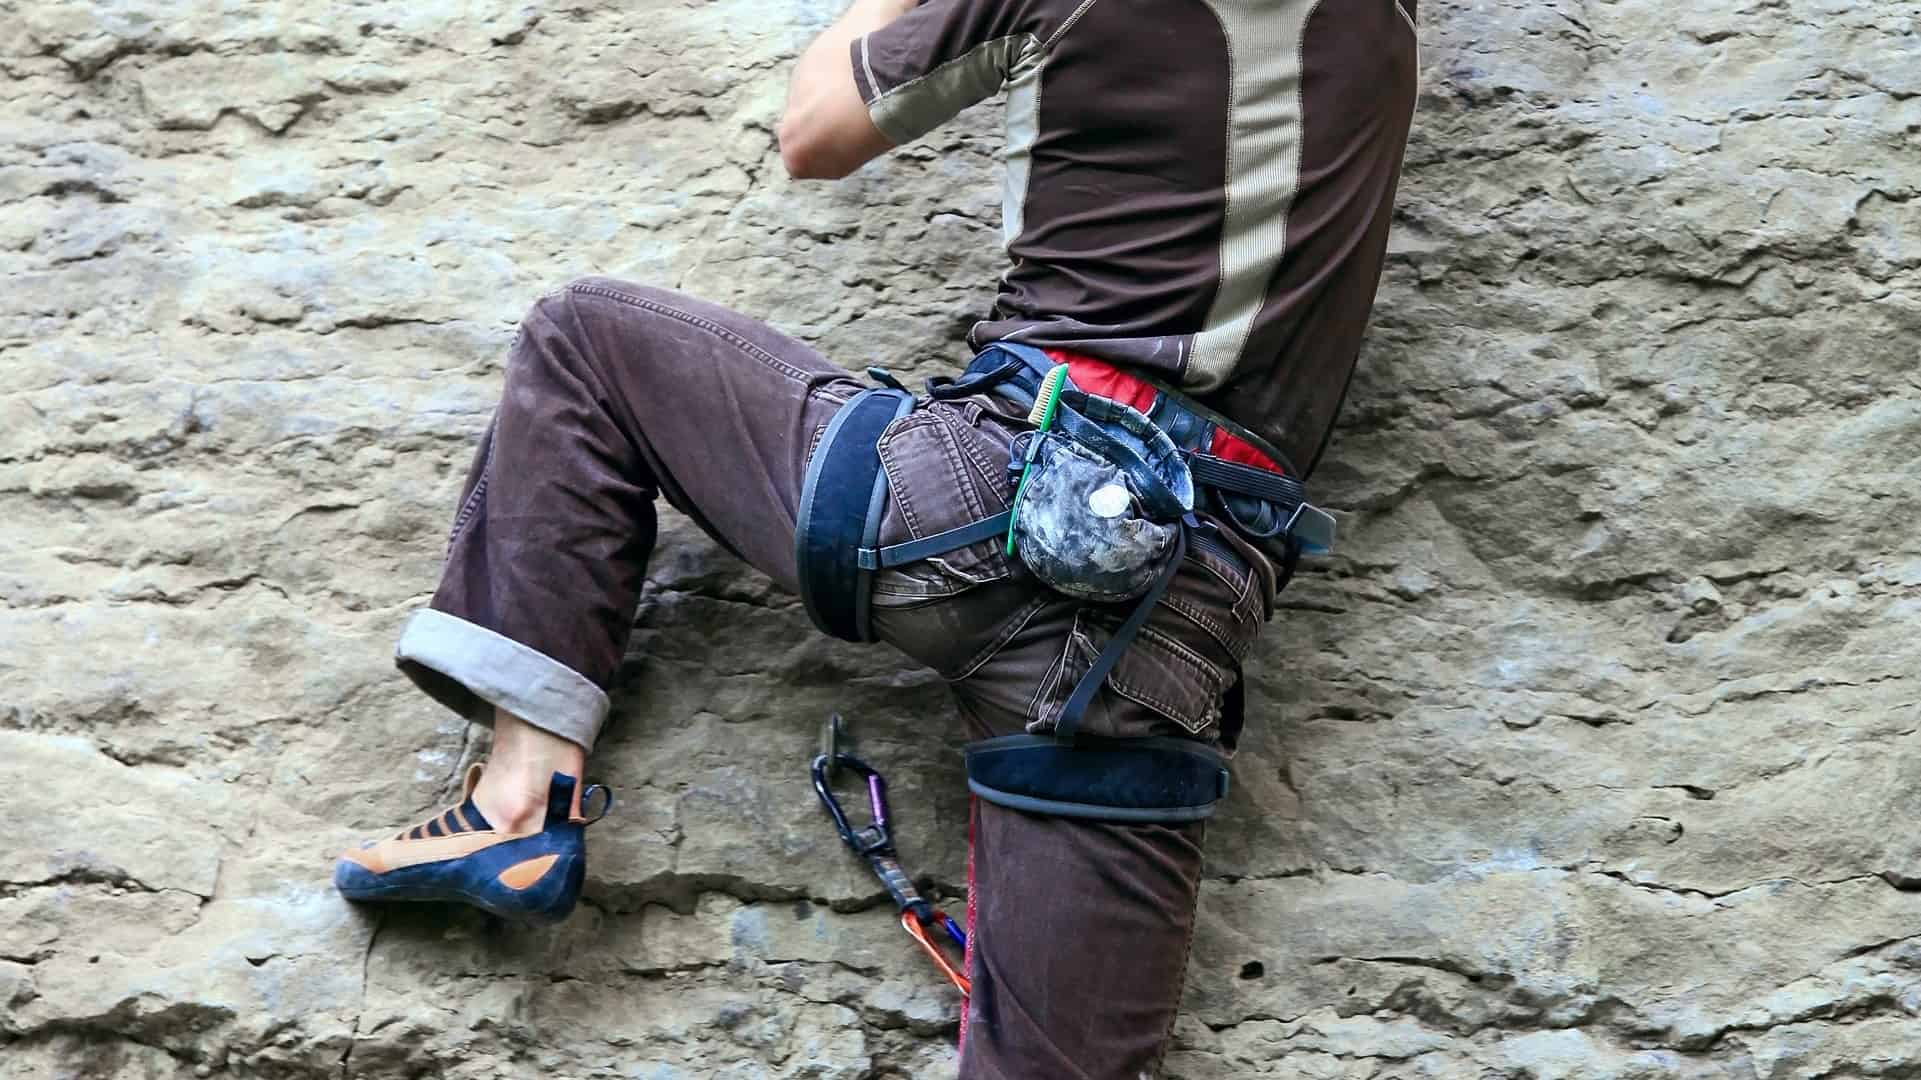 Miglior imbrago da arrampicata 2020: Guida all'acquisto